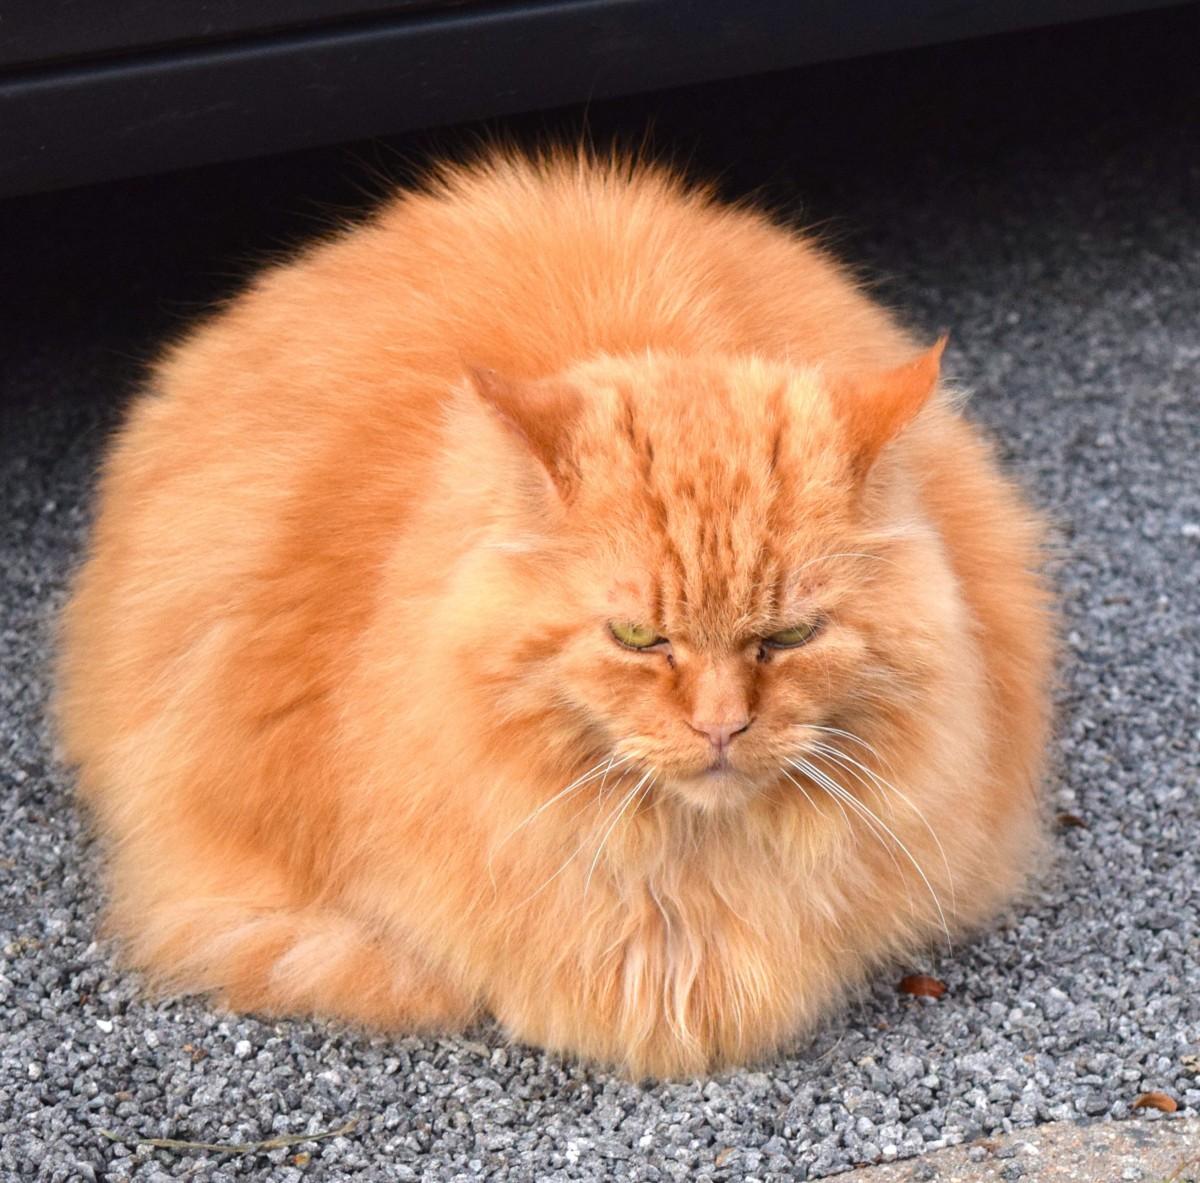 μεγάλο μουνί γάτα μουνί στο πουλί εικόνες